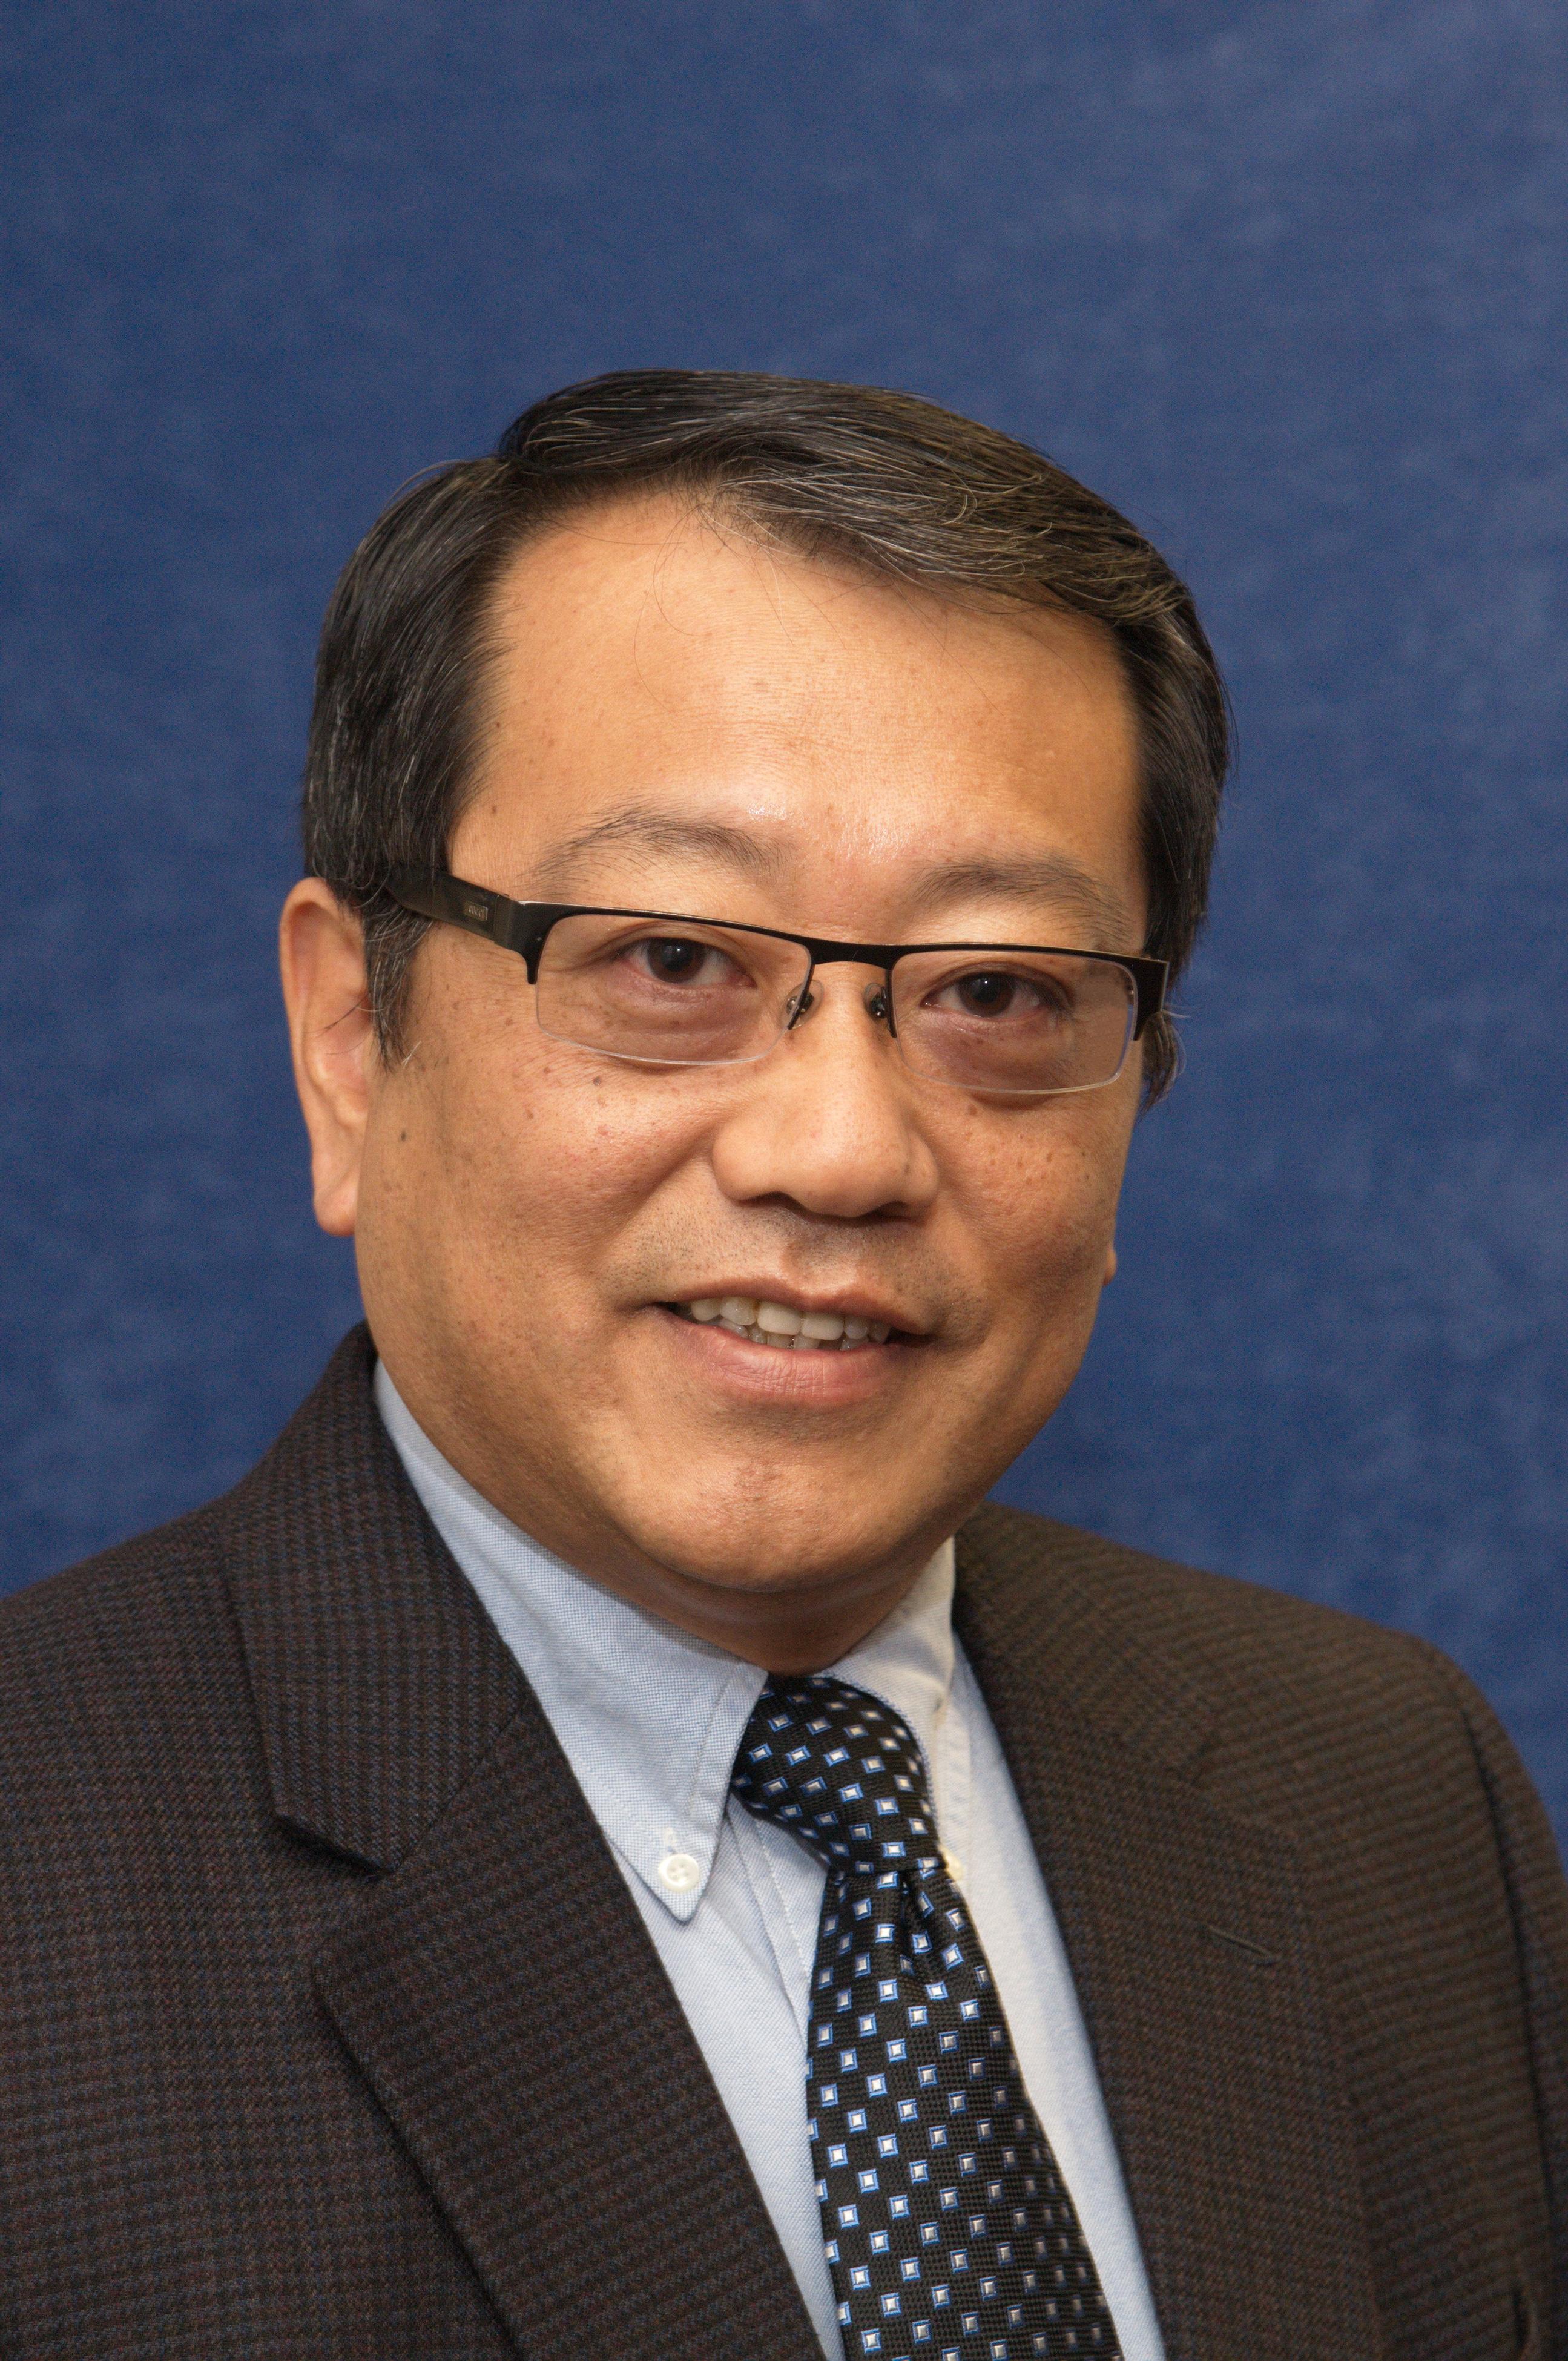 Linan An, Ph.D.